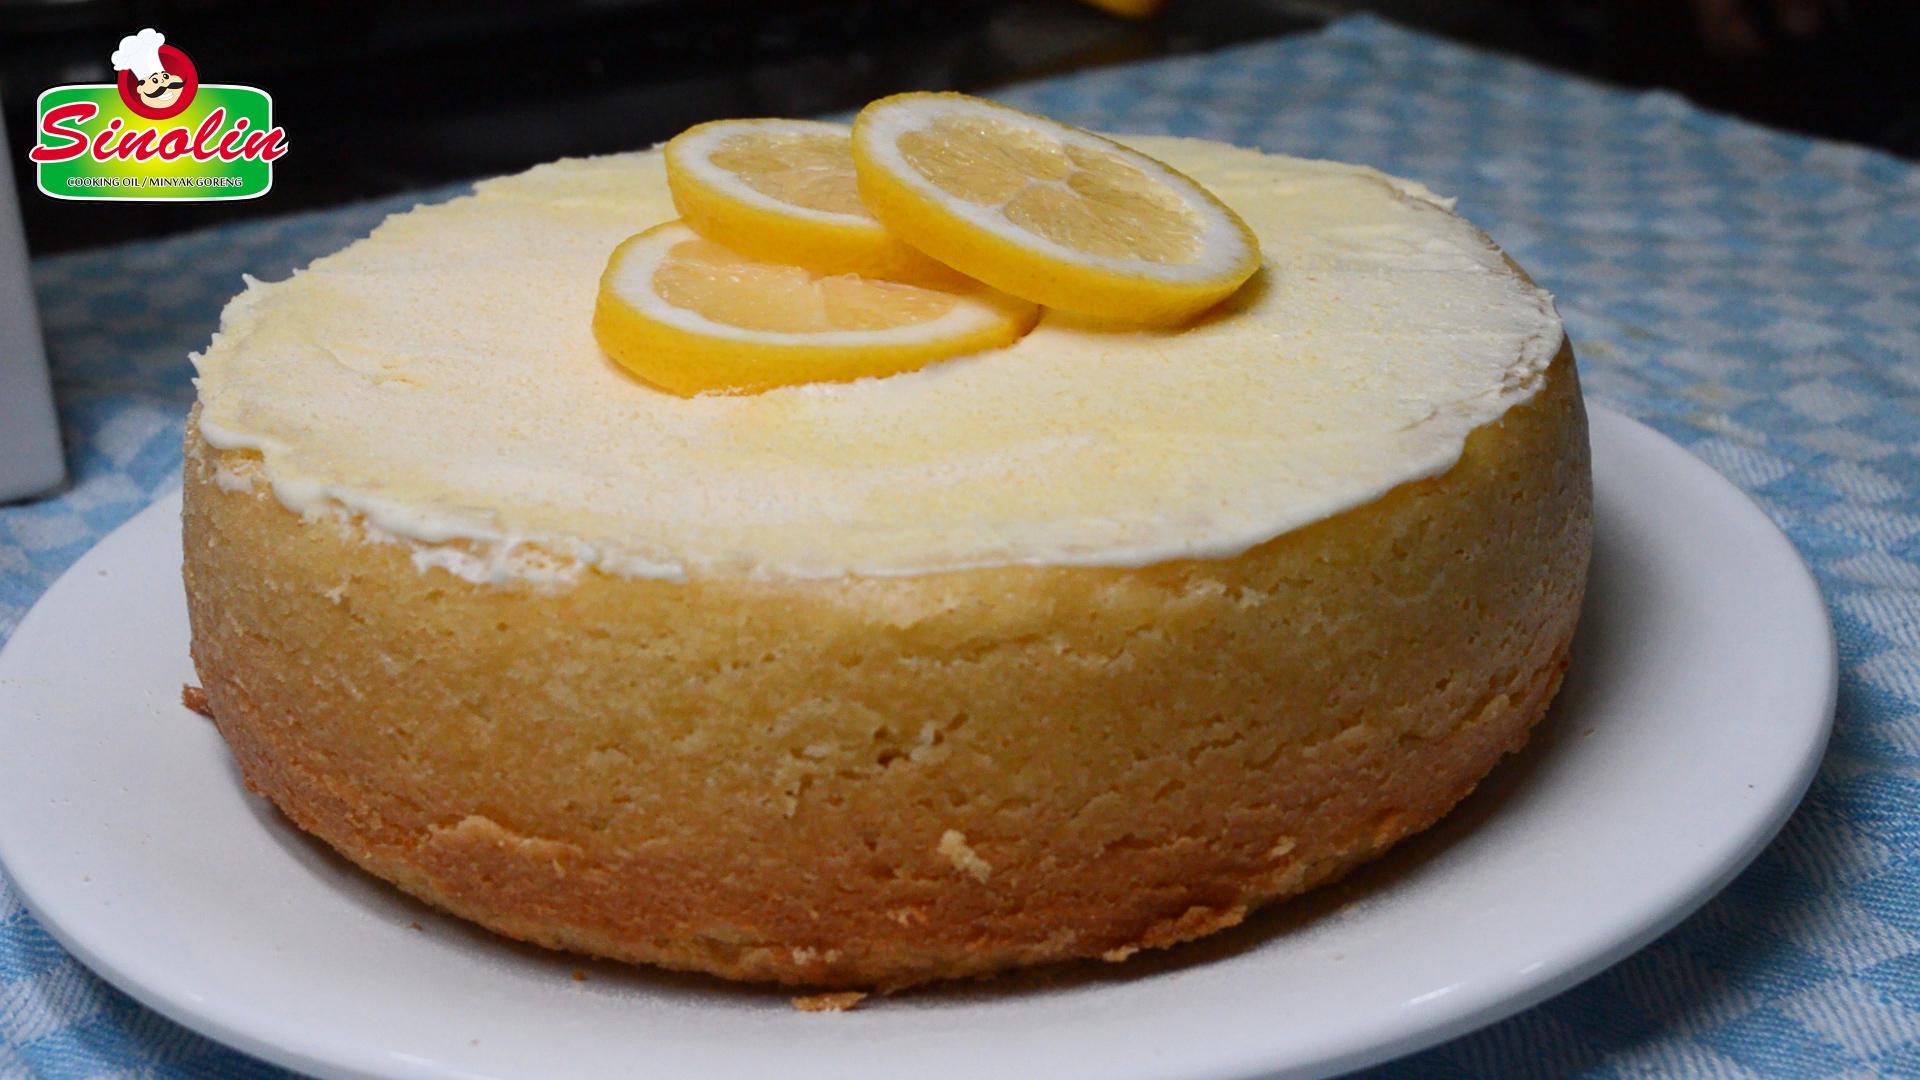 Rice cooker Lemon Cake dengan krim keju lemon Oleh Dapur Sinolin